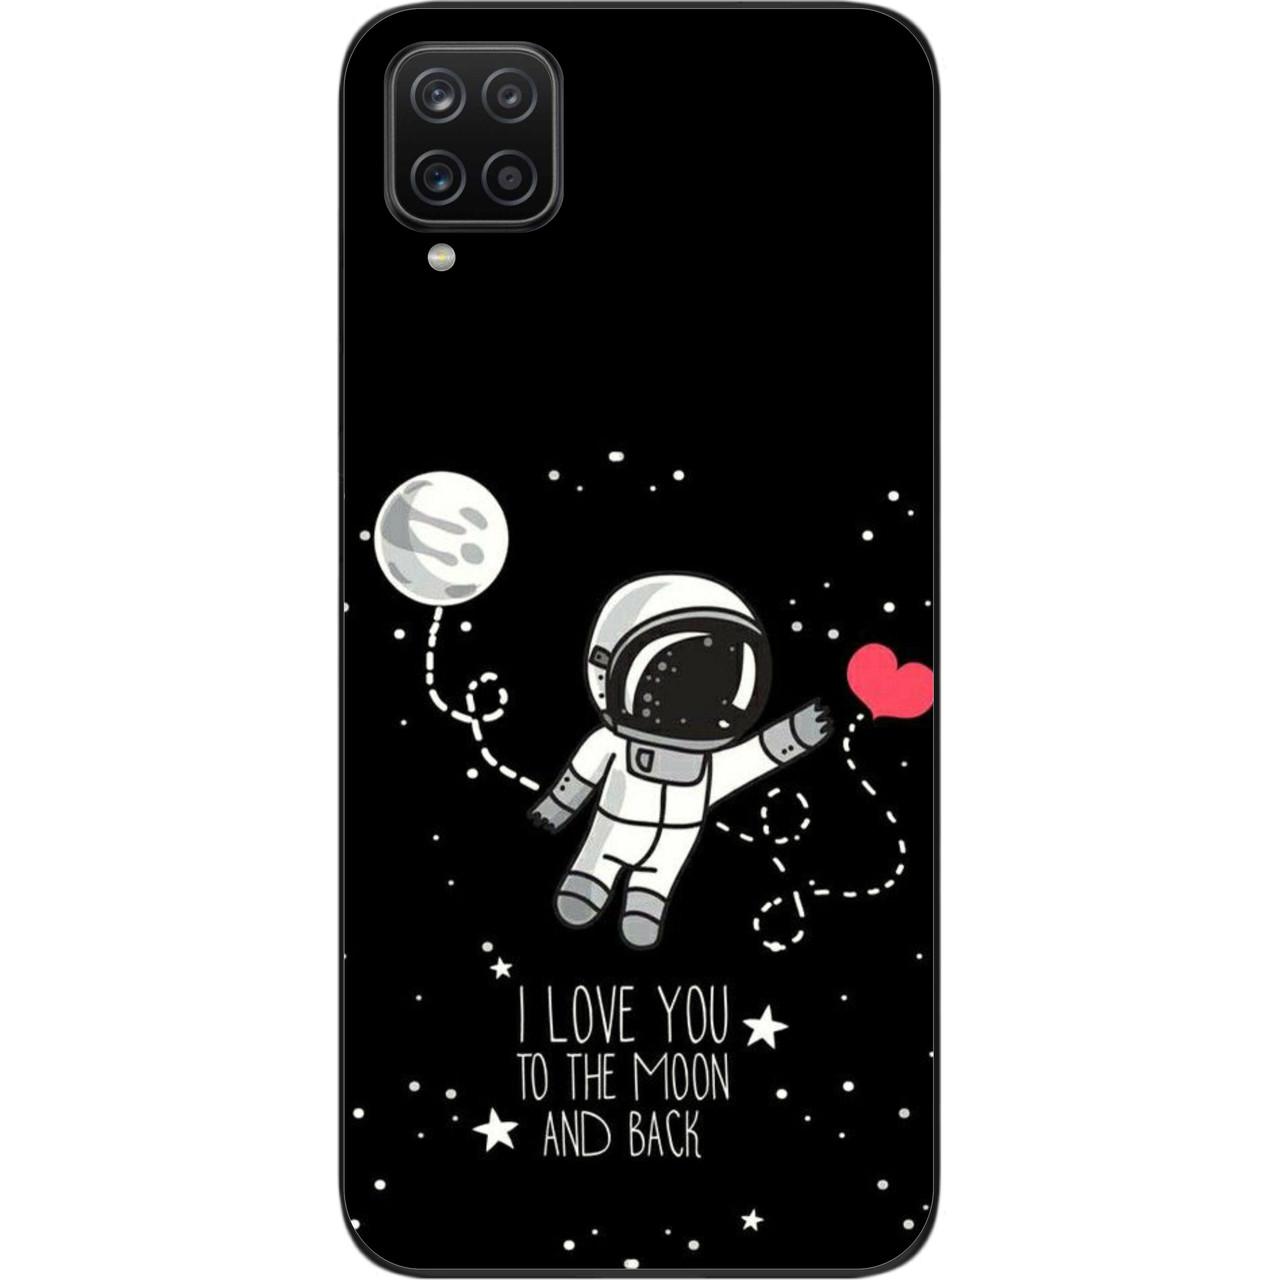 Оригинальный силиконовый чехол для Samsung A12 Galaxy A125F с картинкой Любовь до луны